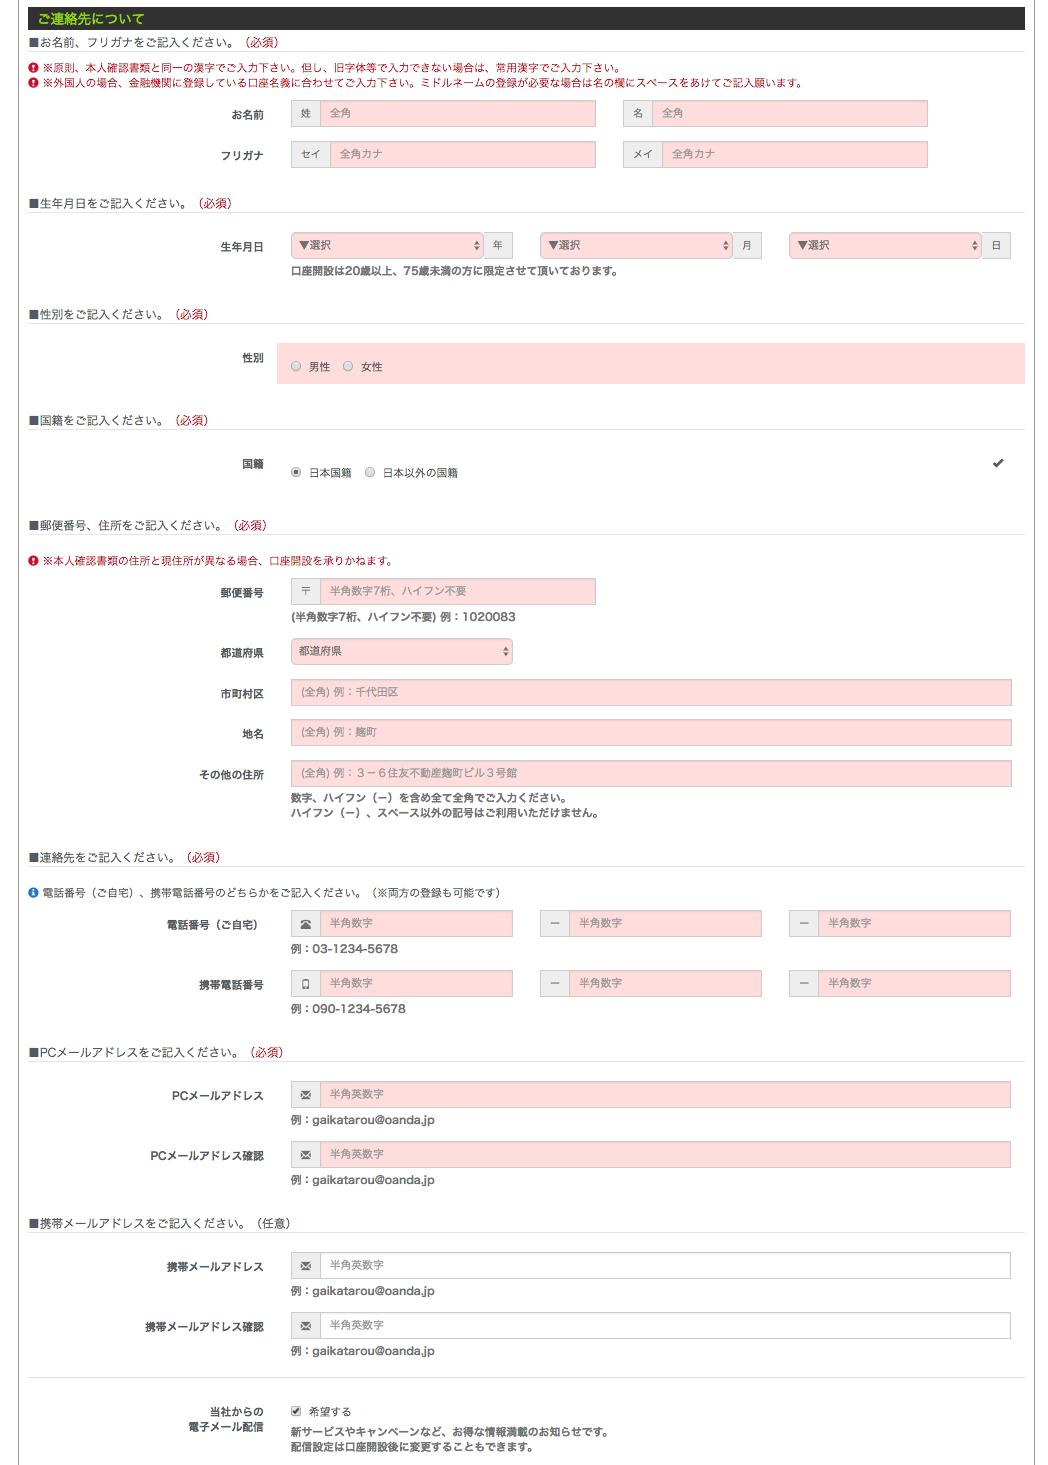 Oanda japan申込みフォーム03